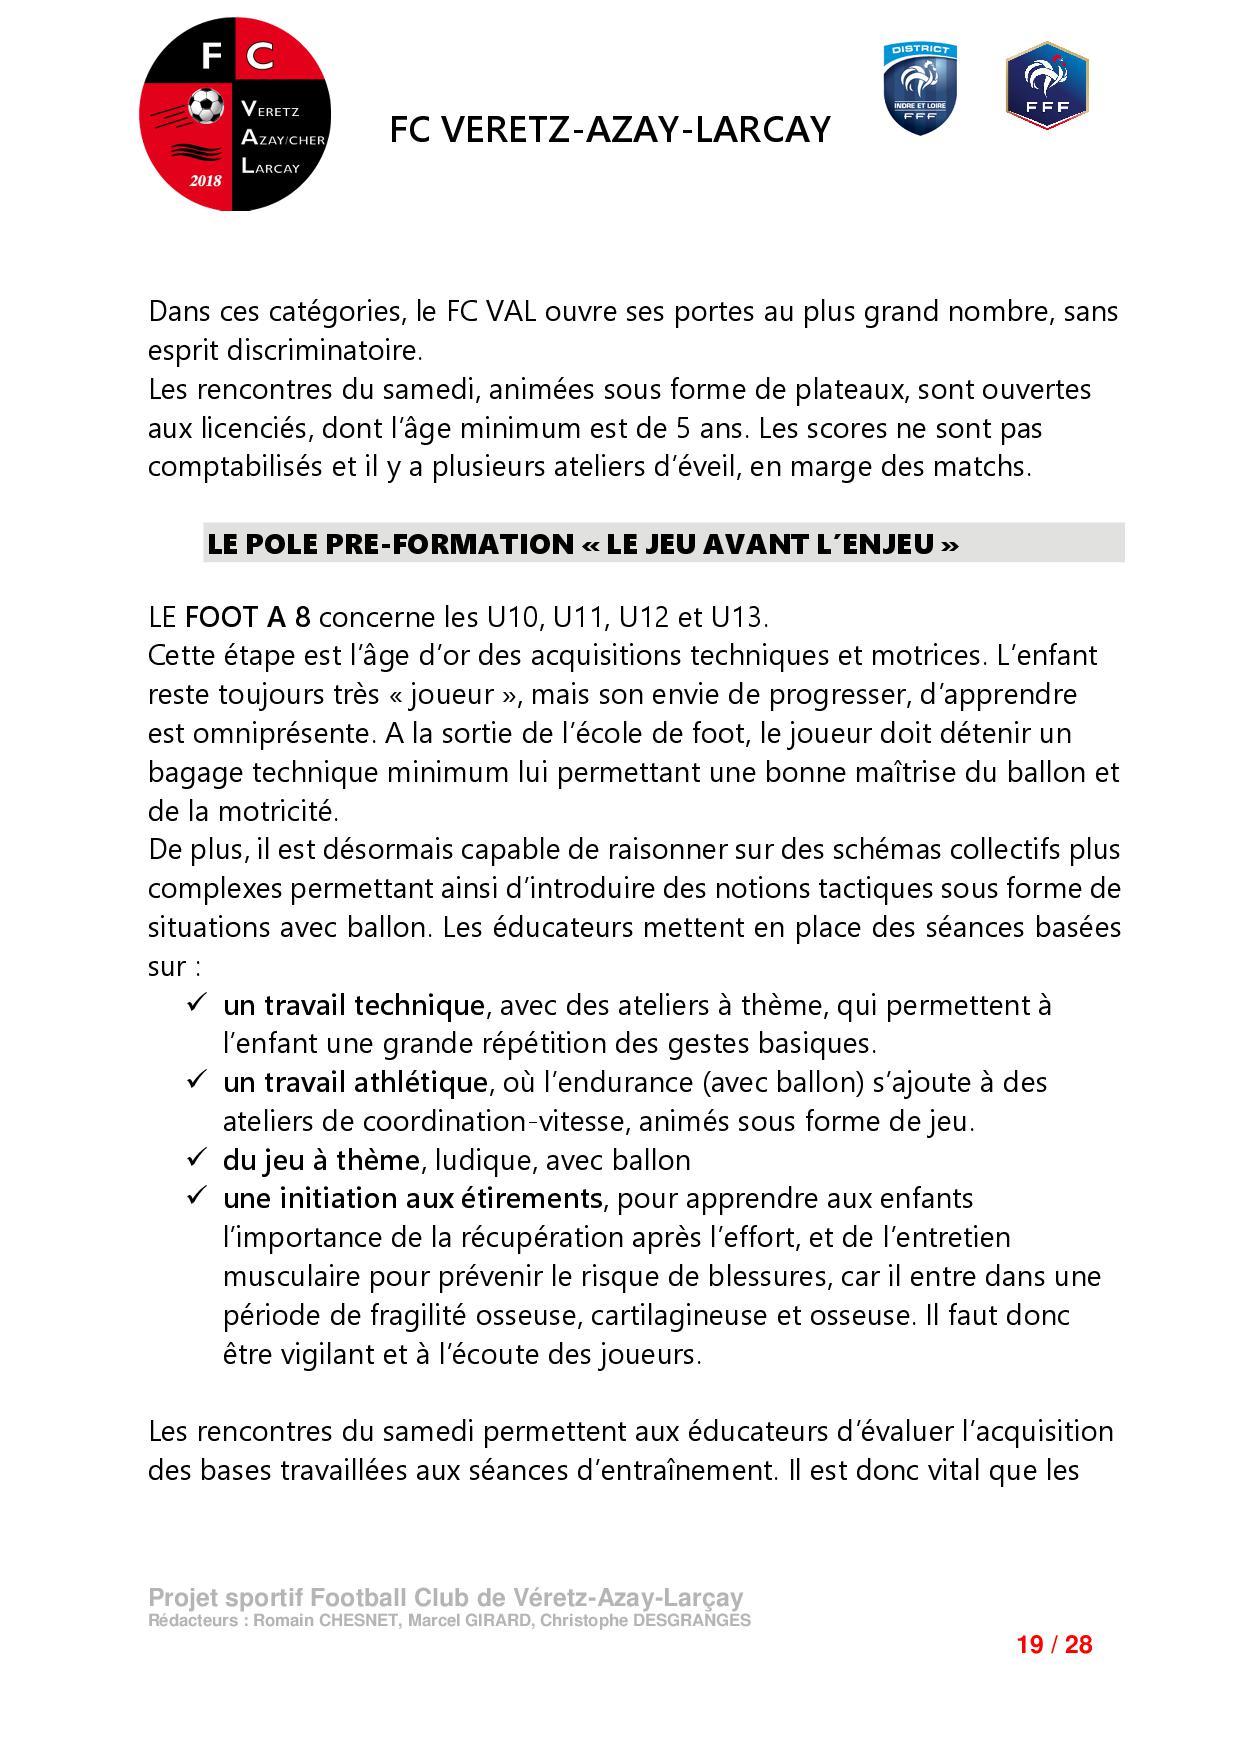 projet_sportif_2017-202019.jpg